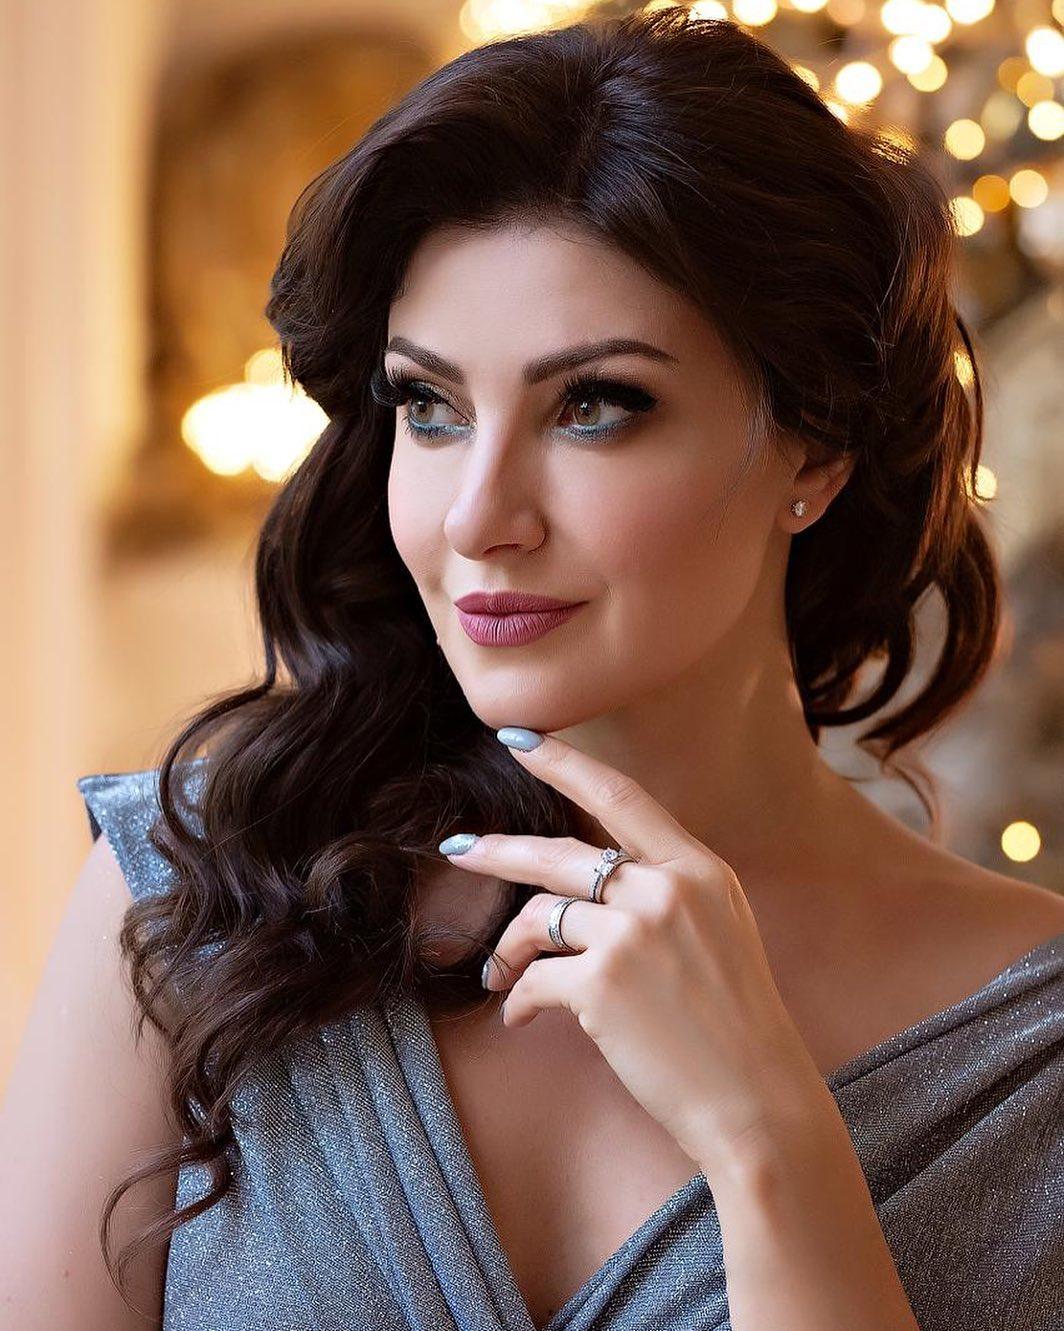 Anastasia Makeeva wants money from Andrey Malakhov